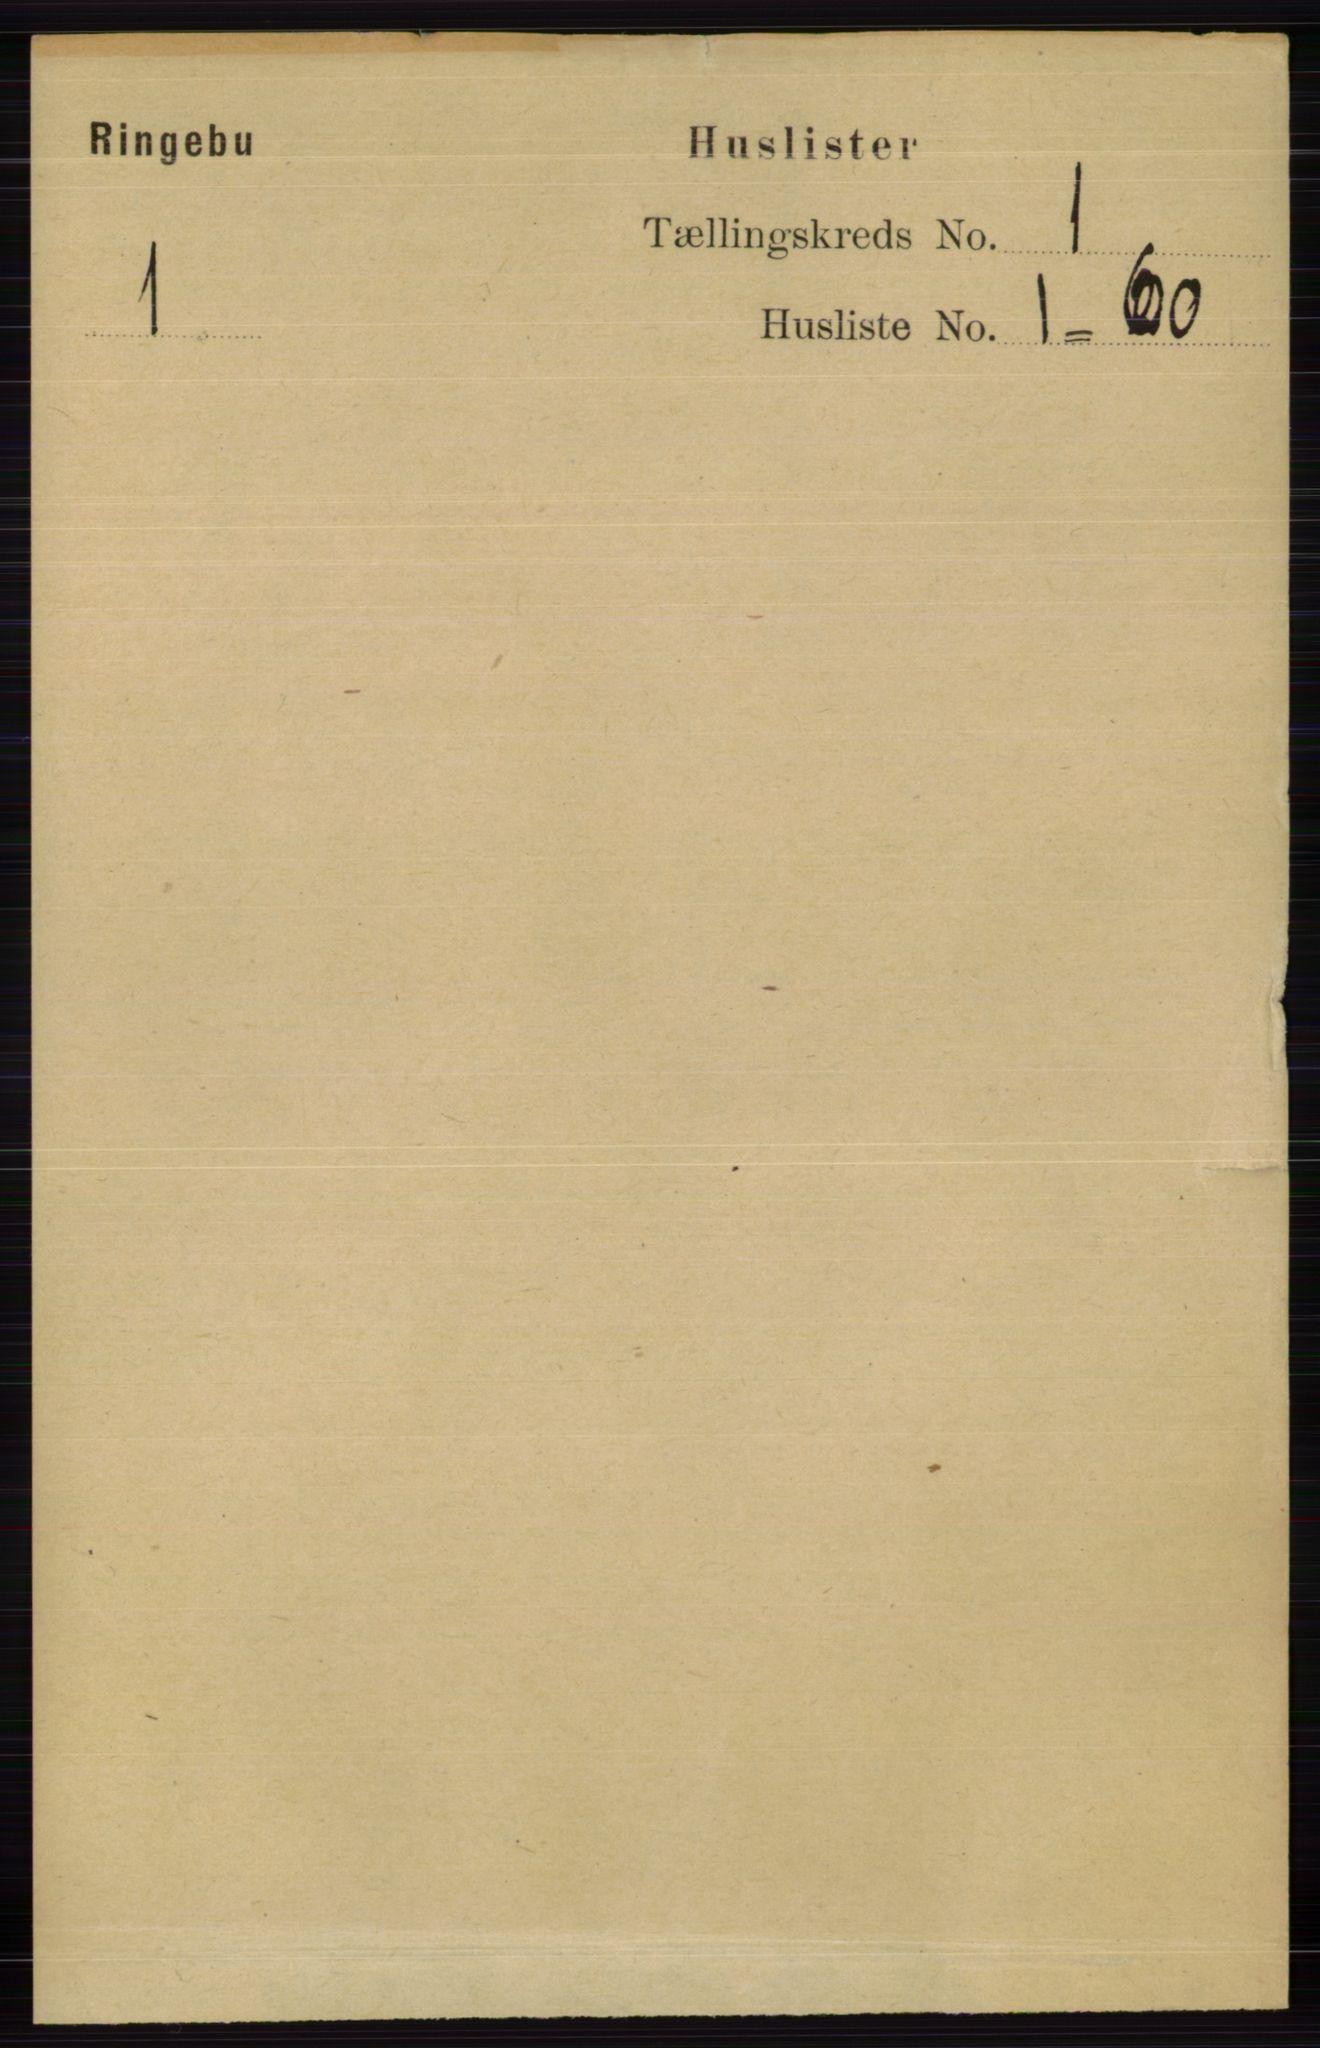 RA, Folketelling 1891 for 0520 Ringebu herred, 1891, s. 30